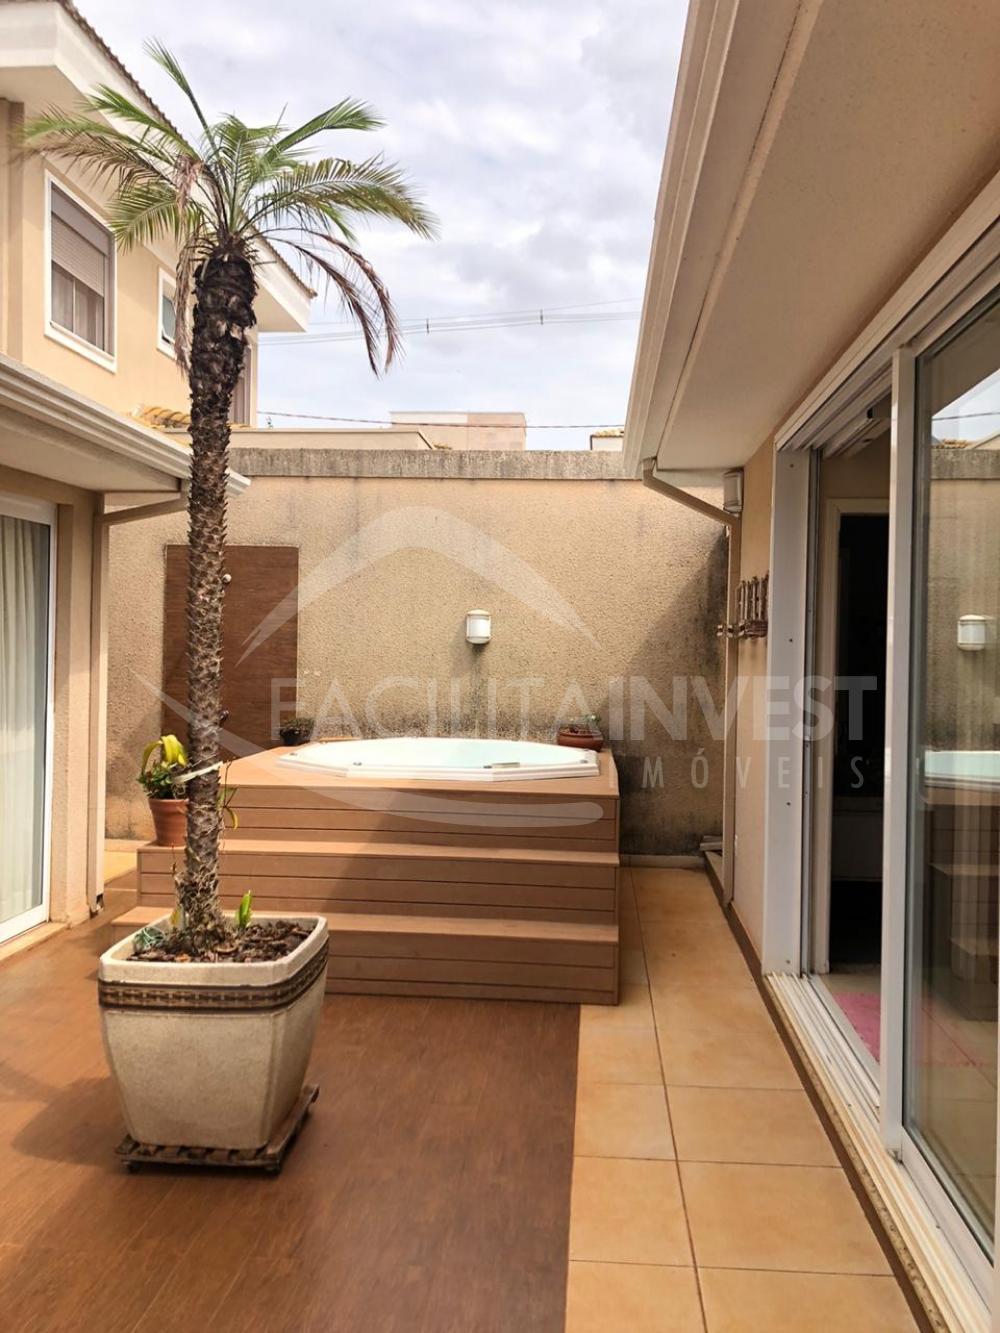 Comprar Casa Condomínio / Casa Condomínio em Ribeirão Preto R$ 930.000,00 - Foto 22